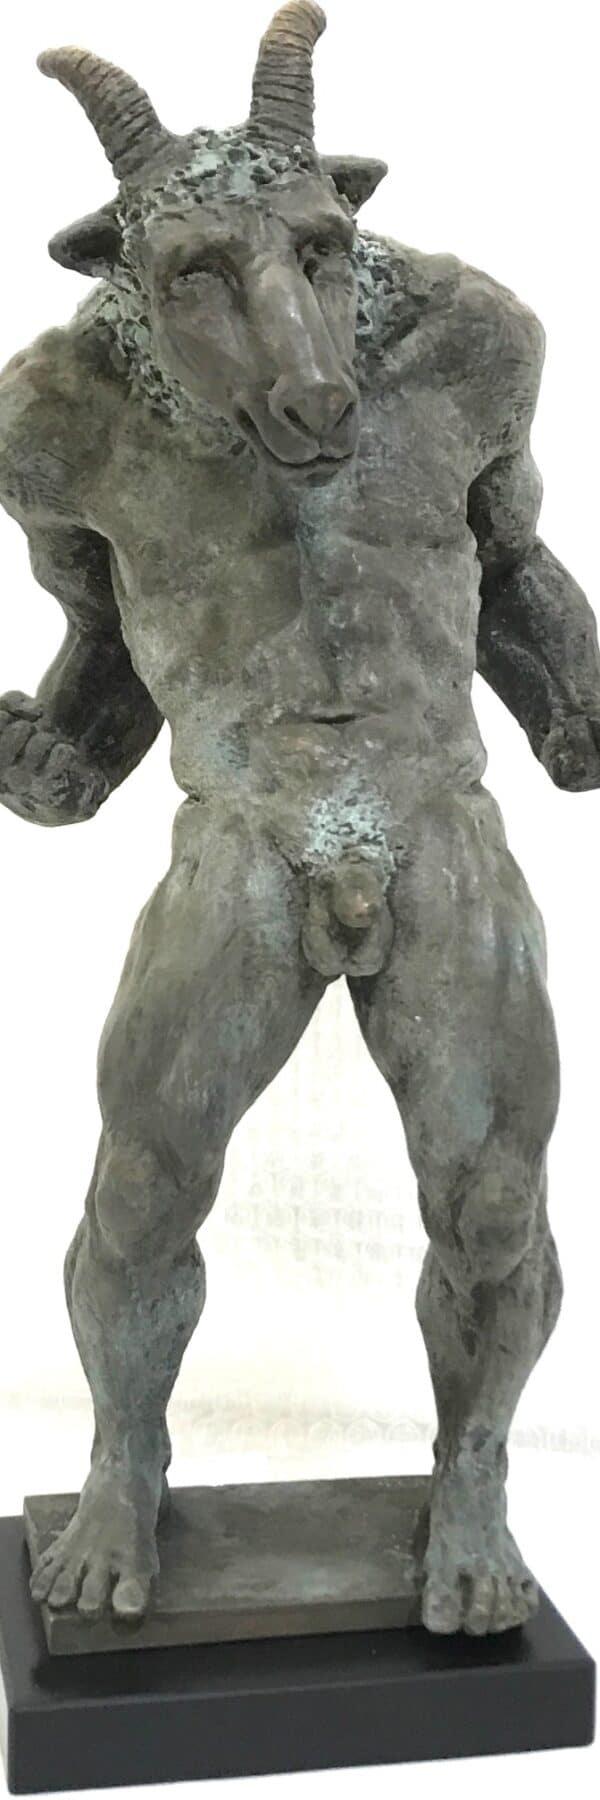 rambini-bronze